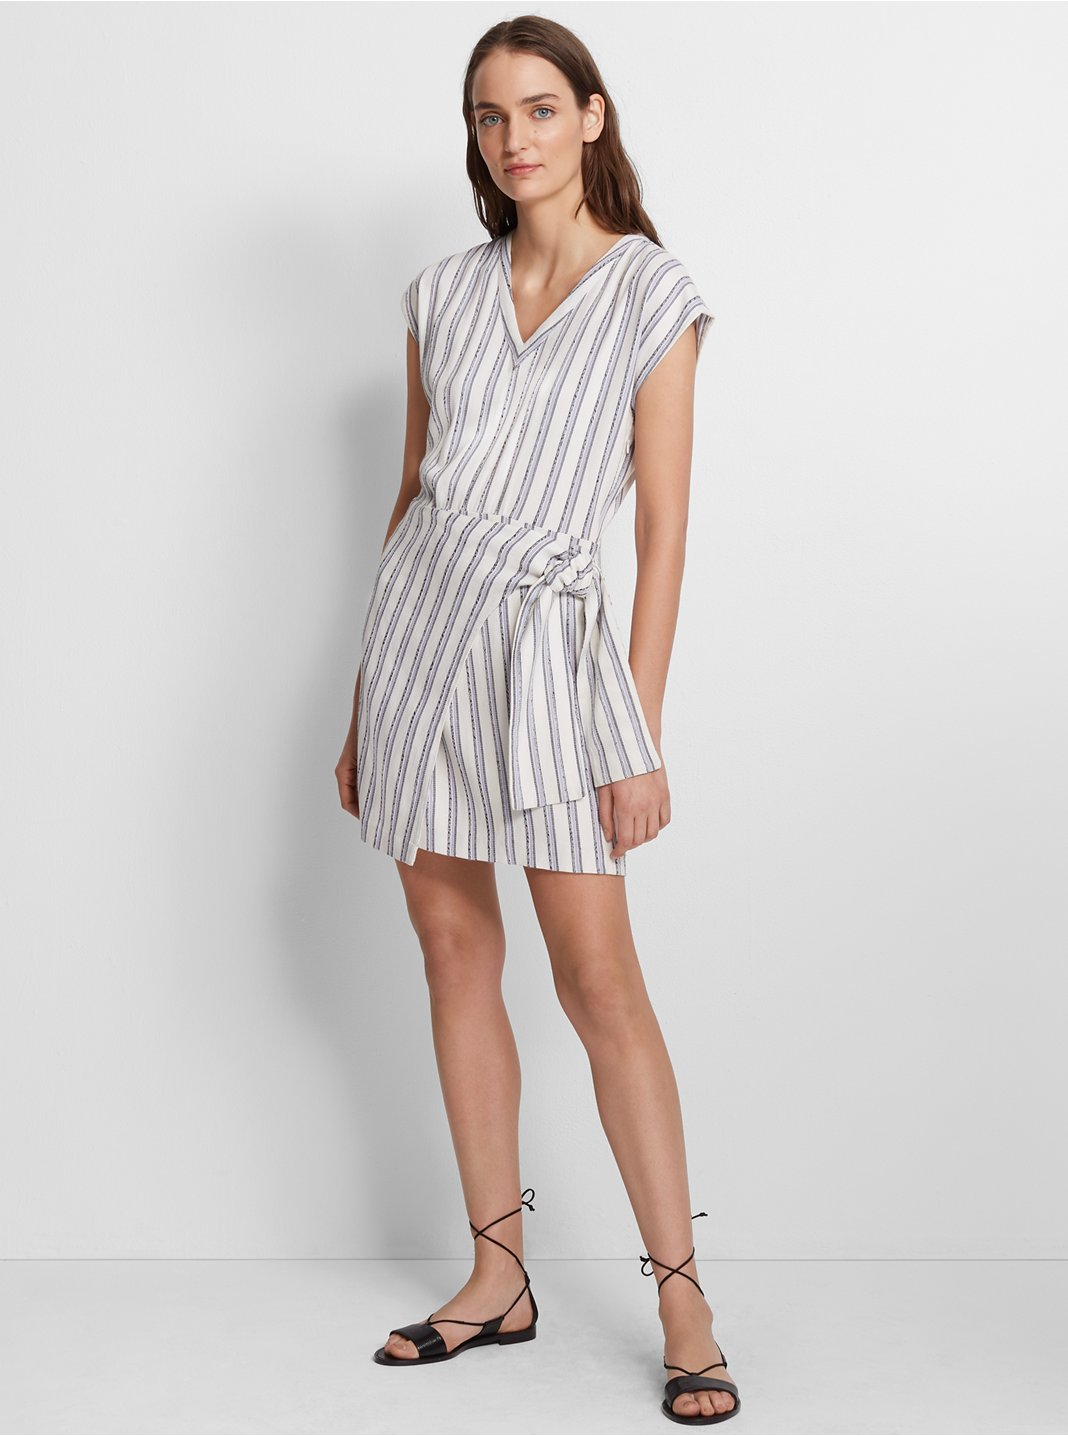 Ashantii Dress